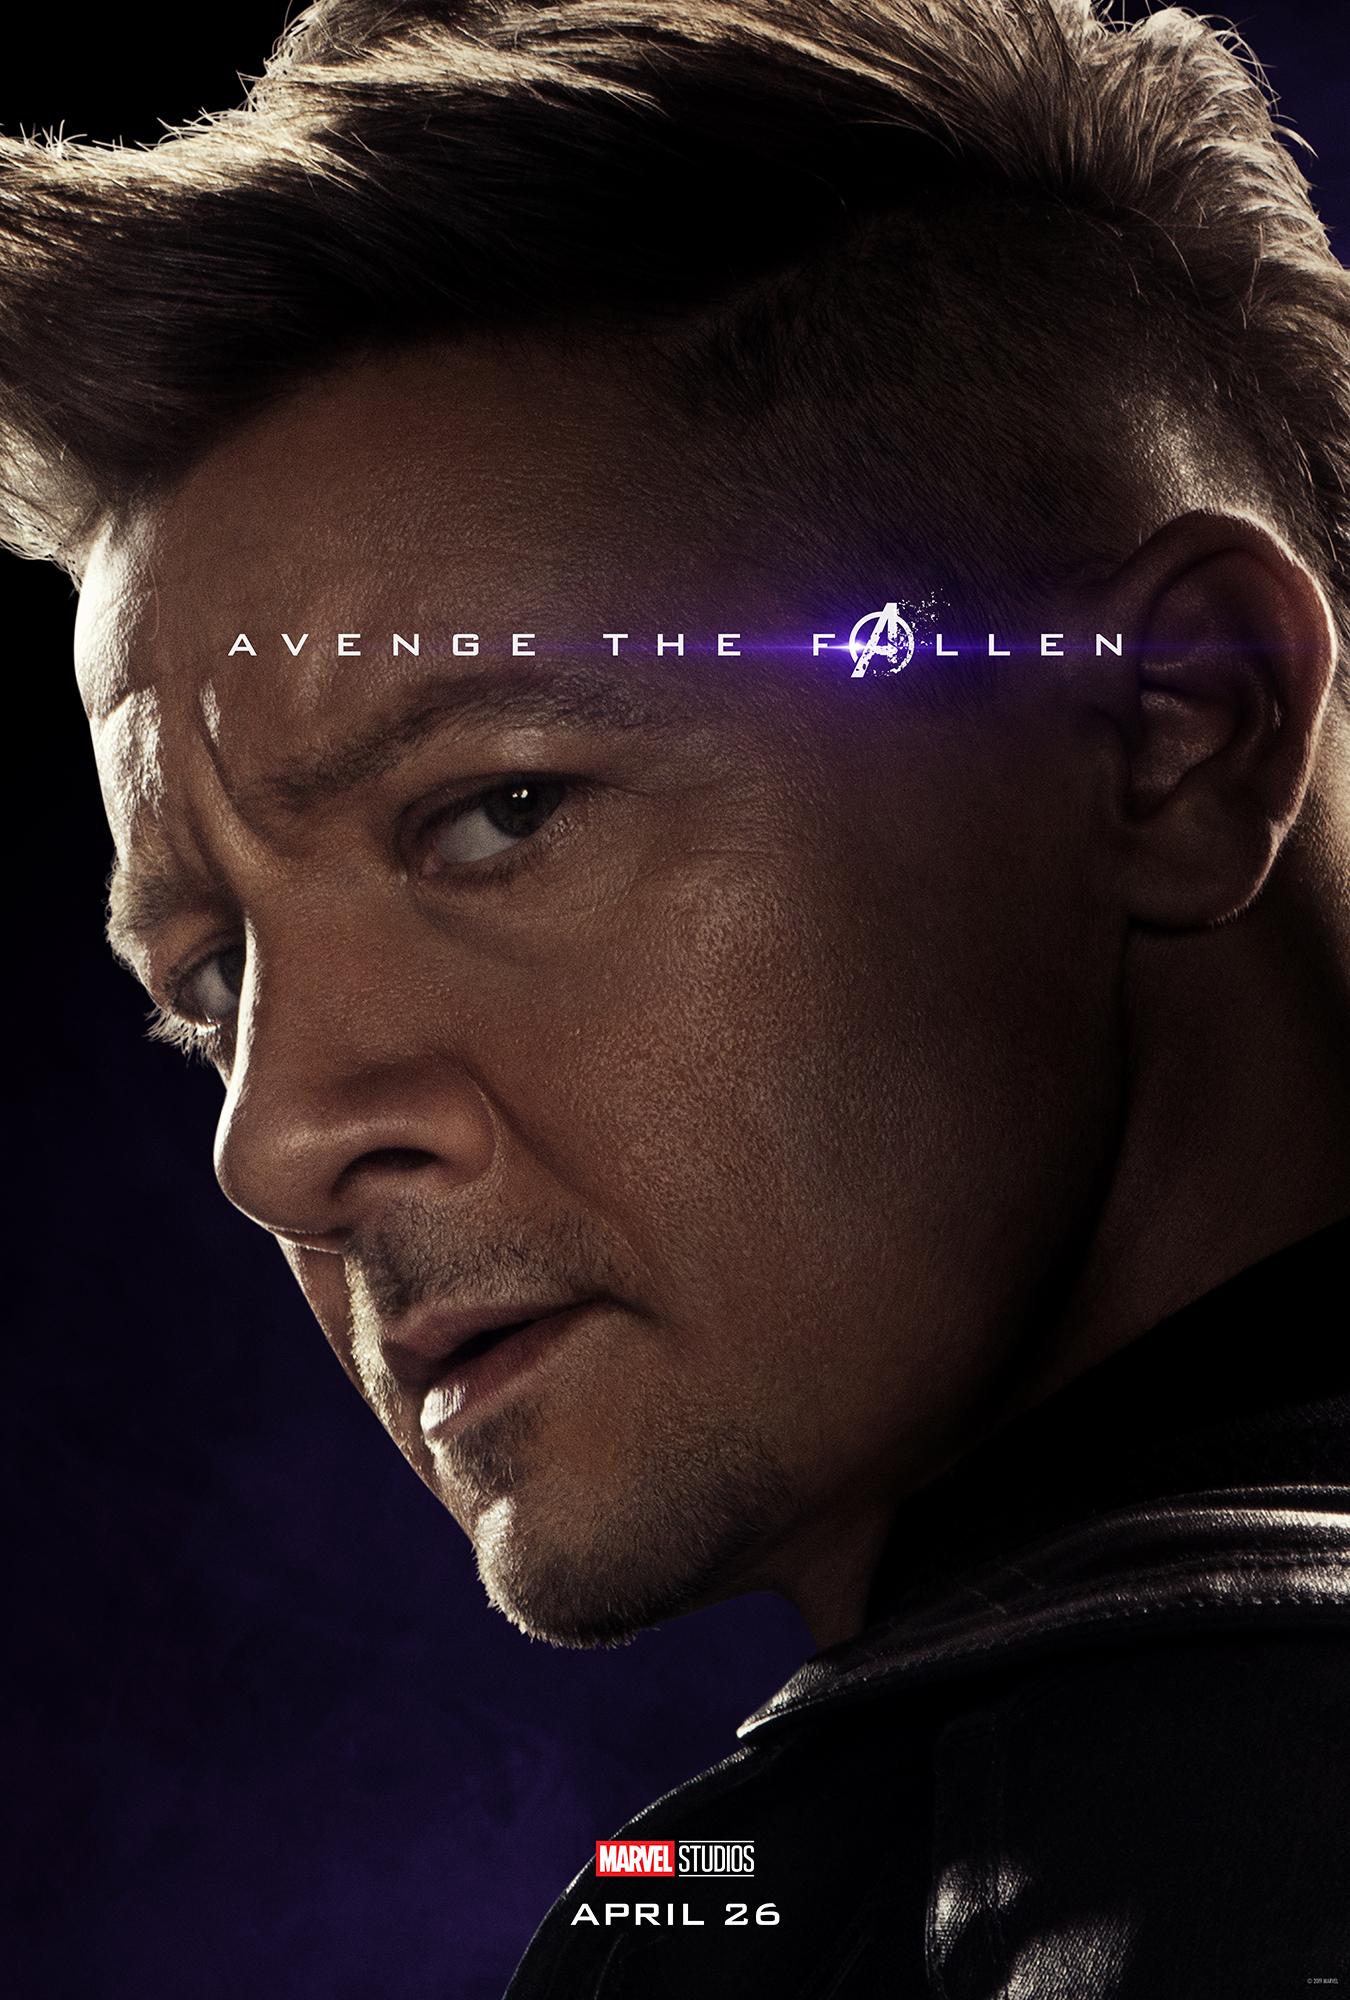 Avengers_Endgame_Char1Sht_Hawkeye_Avenge_mech1_FS_100dpi.jpg